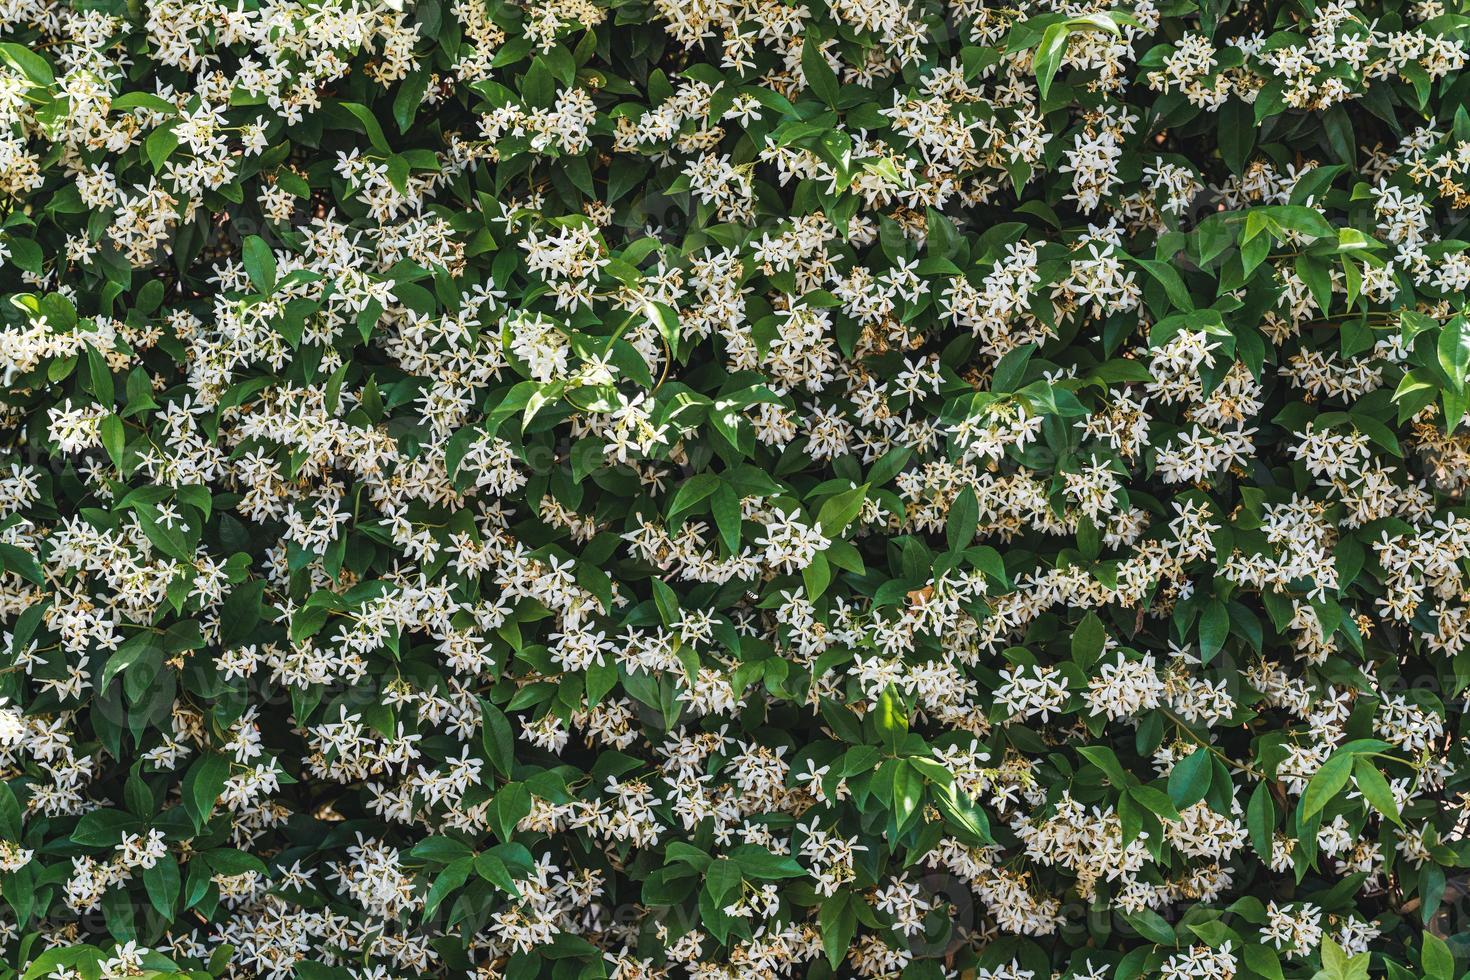 fiori bianchi tra le foglie verdi del gelsomino stellato foto